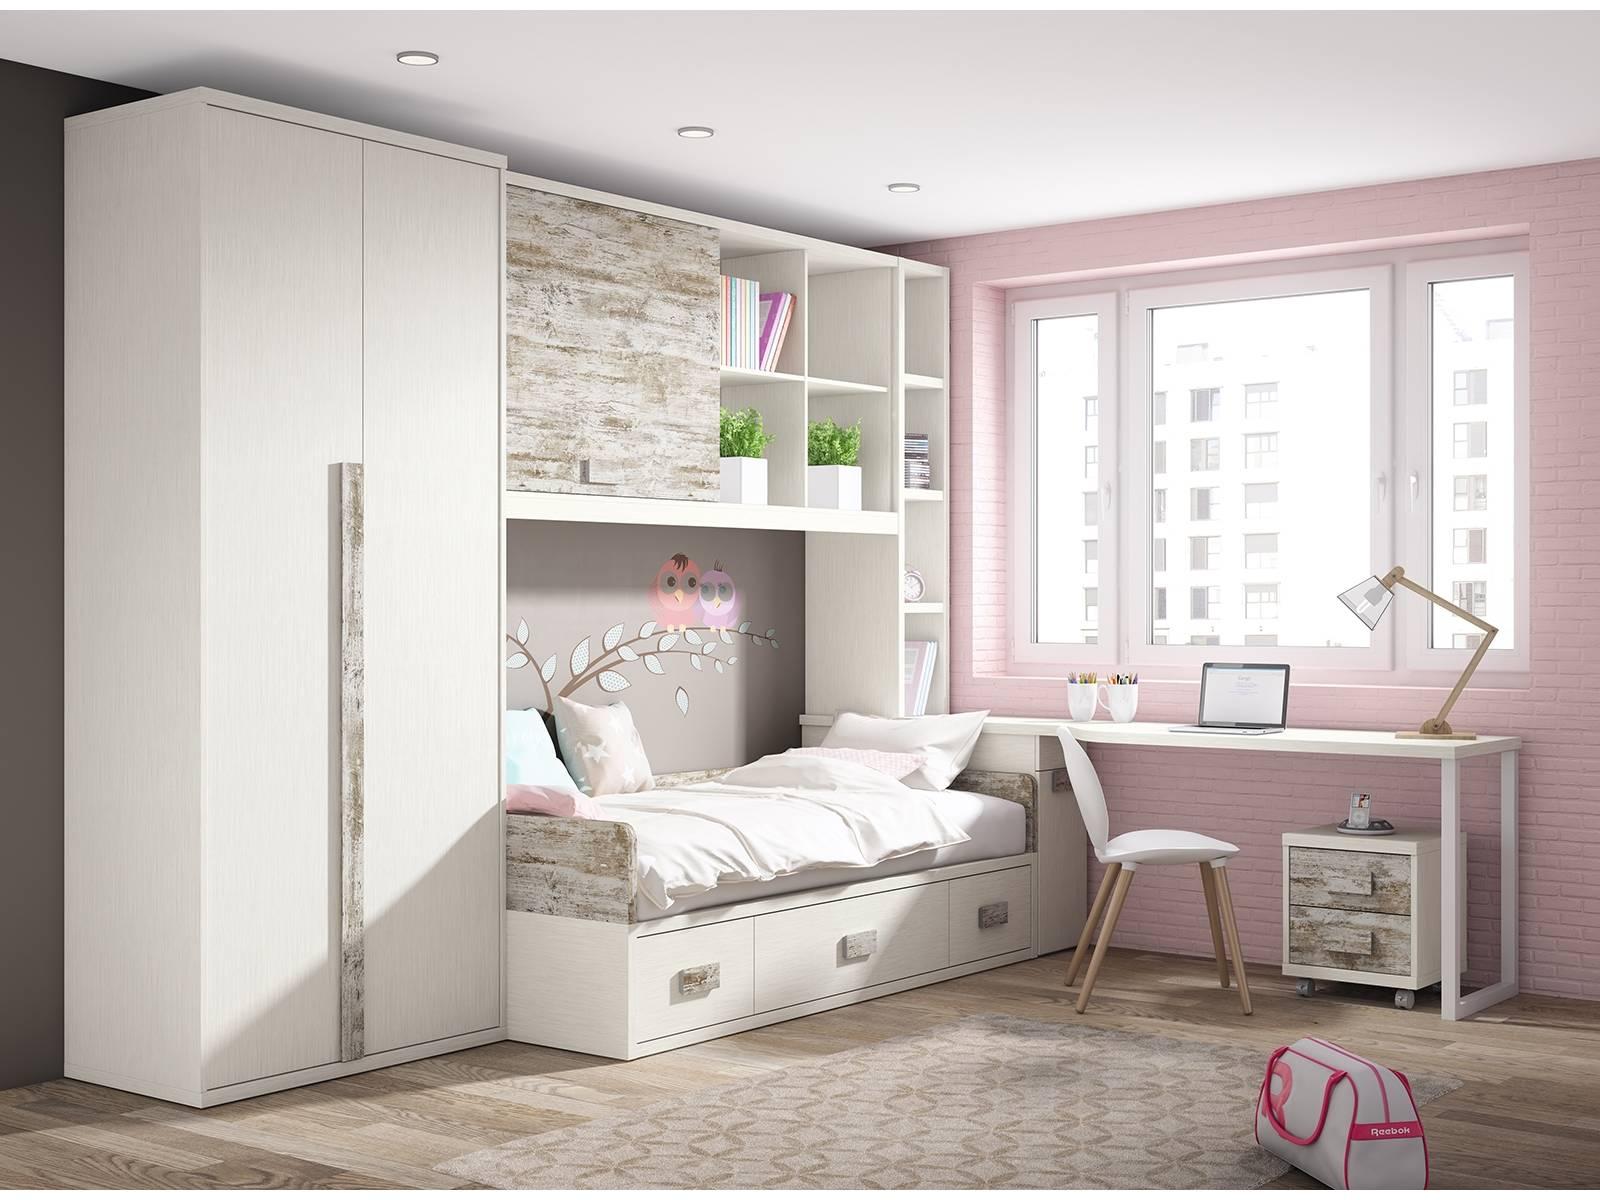 Merkamueble dedicados a la venta de muebles prodecoracion Merkamueble juvenil